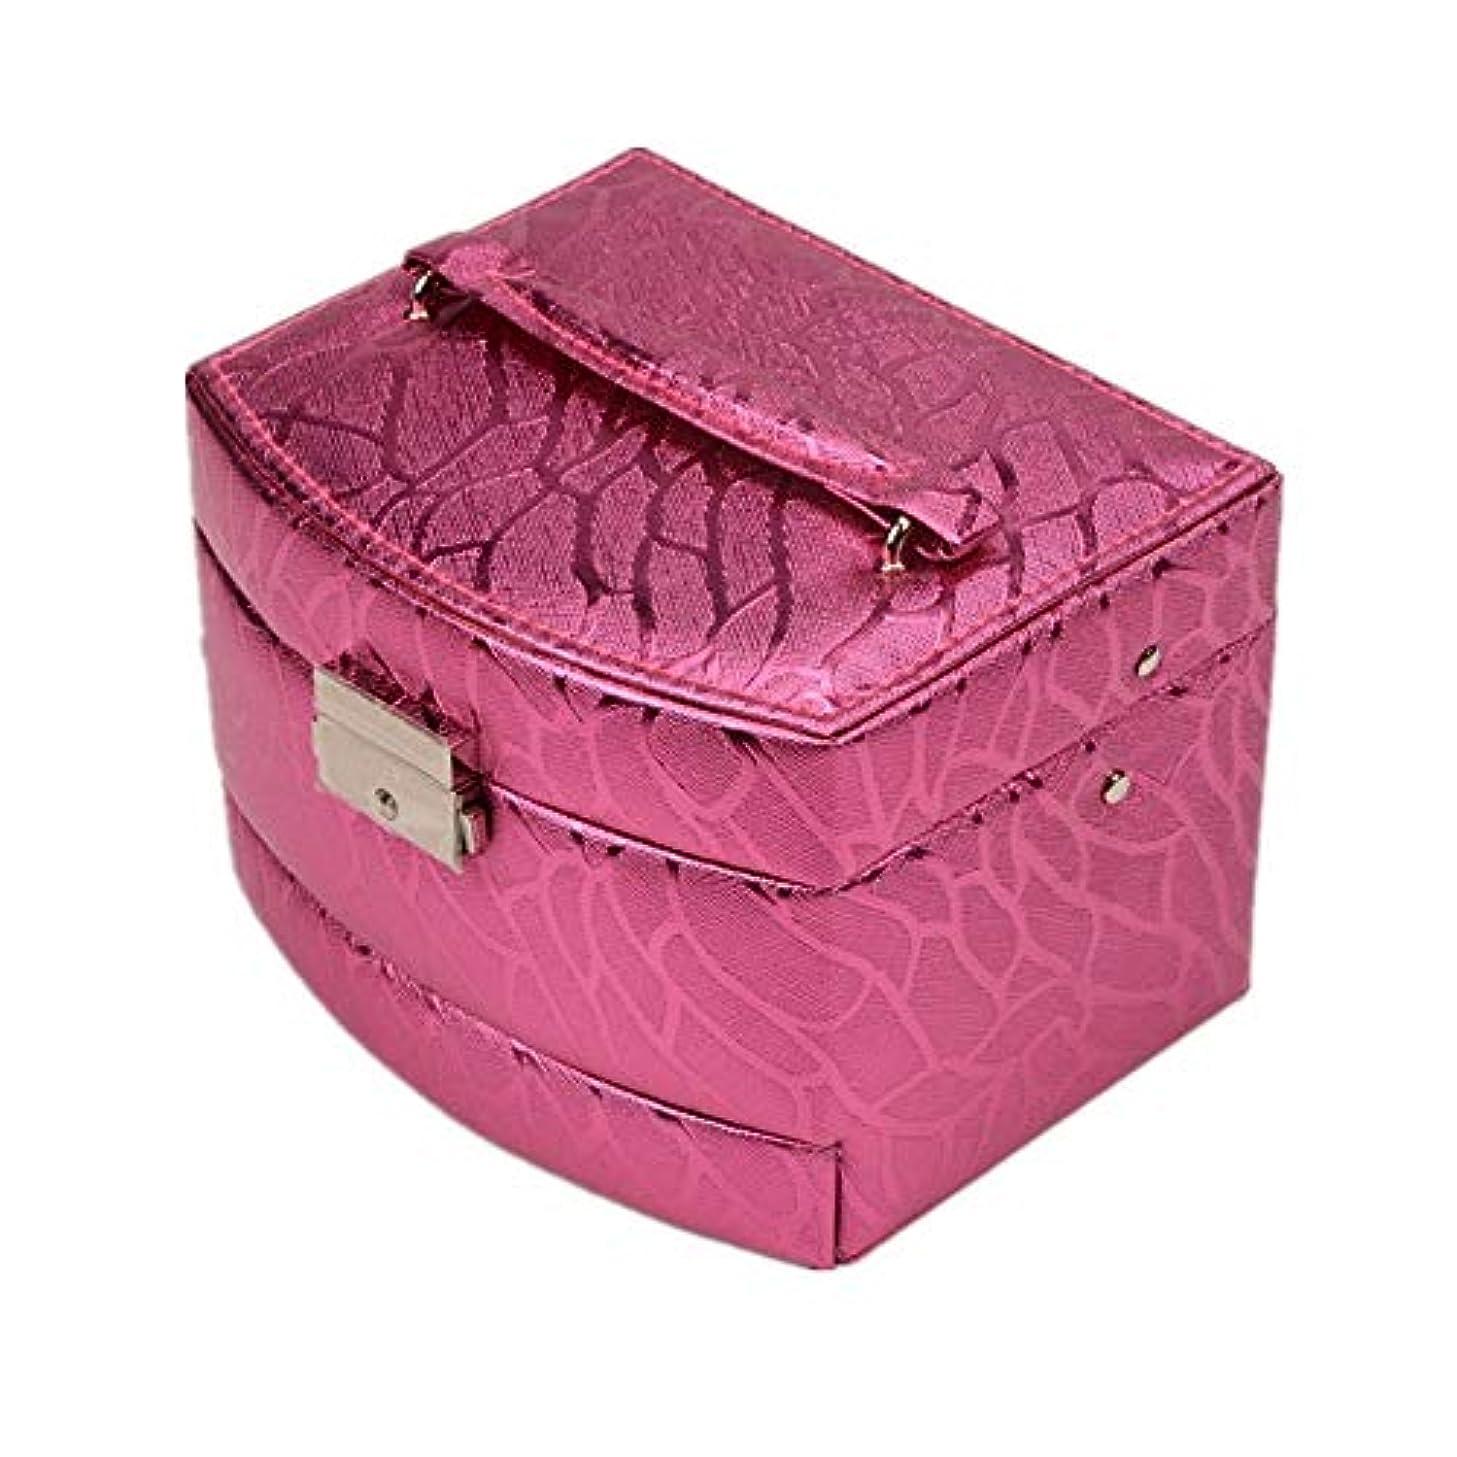 意志社交的ヘビ化粧オーガナイザーバッグ 光沢のあるポータブル多層化粧品美容メイクアップ化粧ケースロックと化粧品ミラー 化粧品ケース